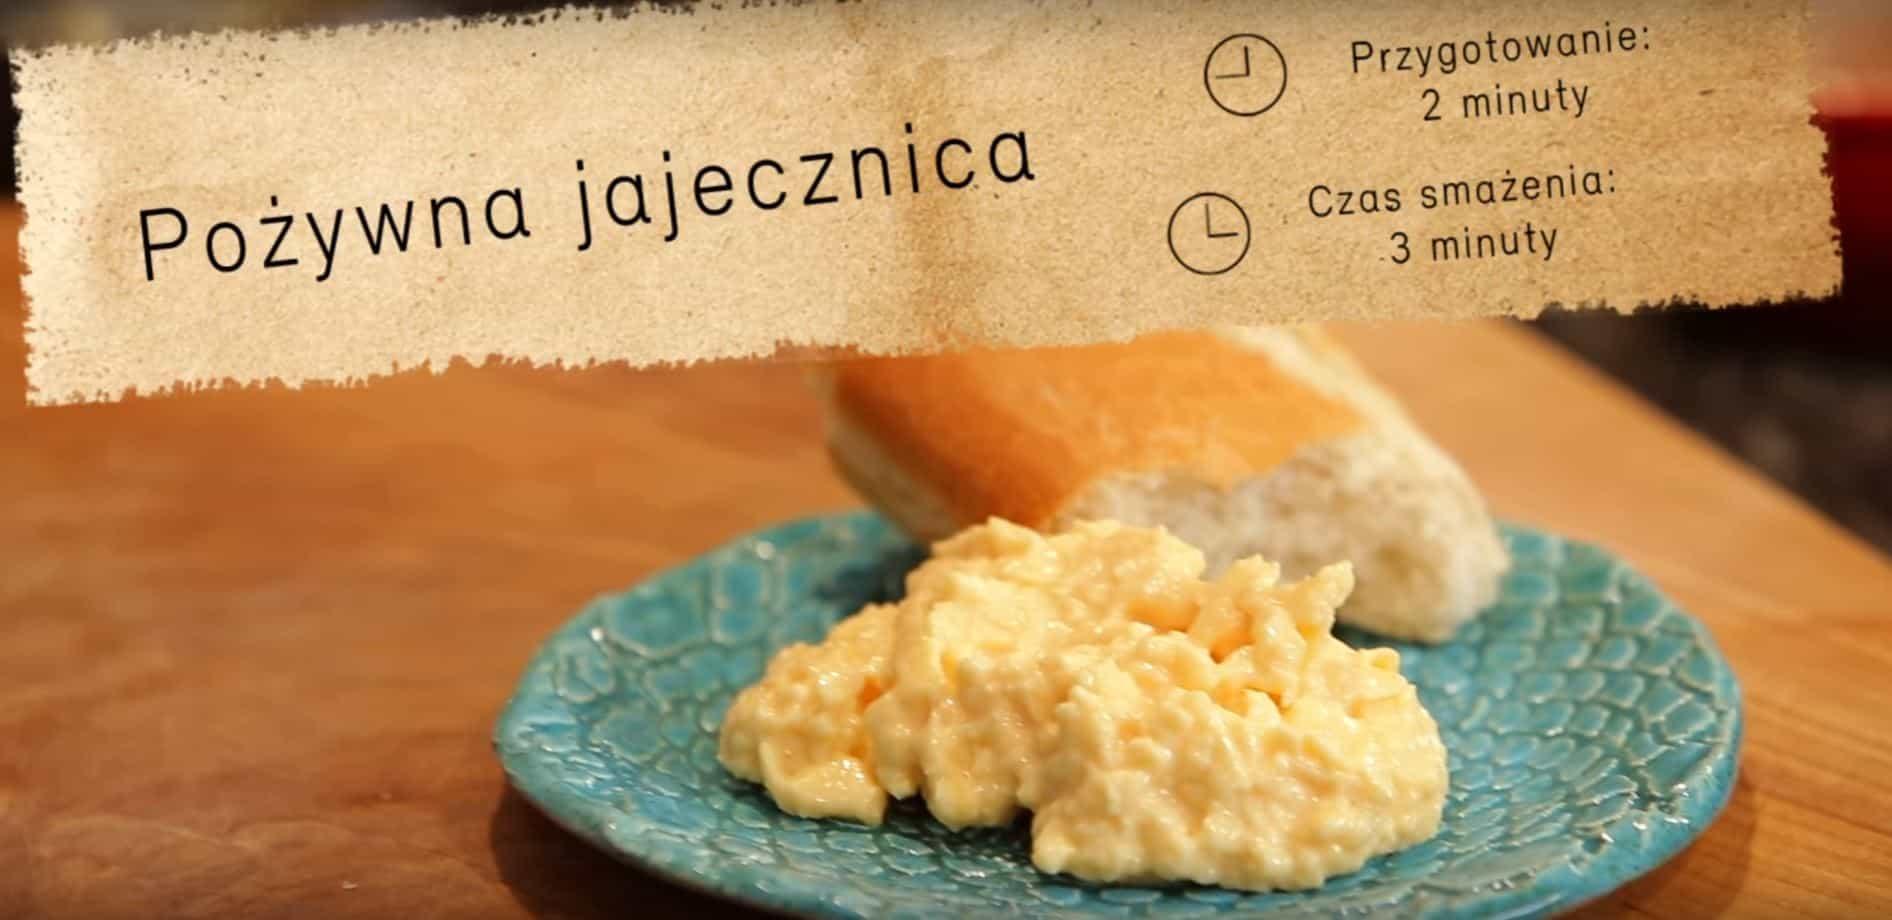 Pożywna jajecznica na kaca według przepisu Pascala Brodnickiego